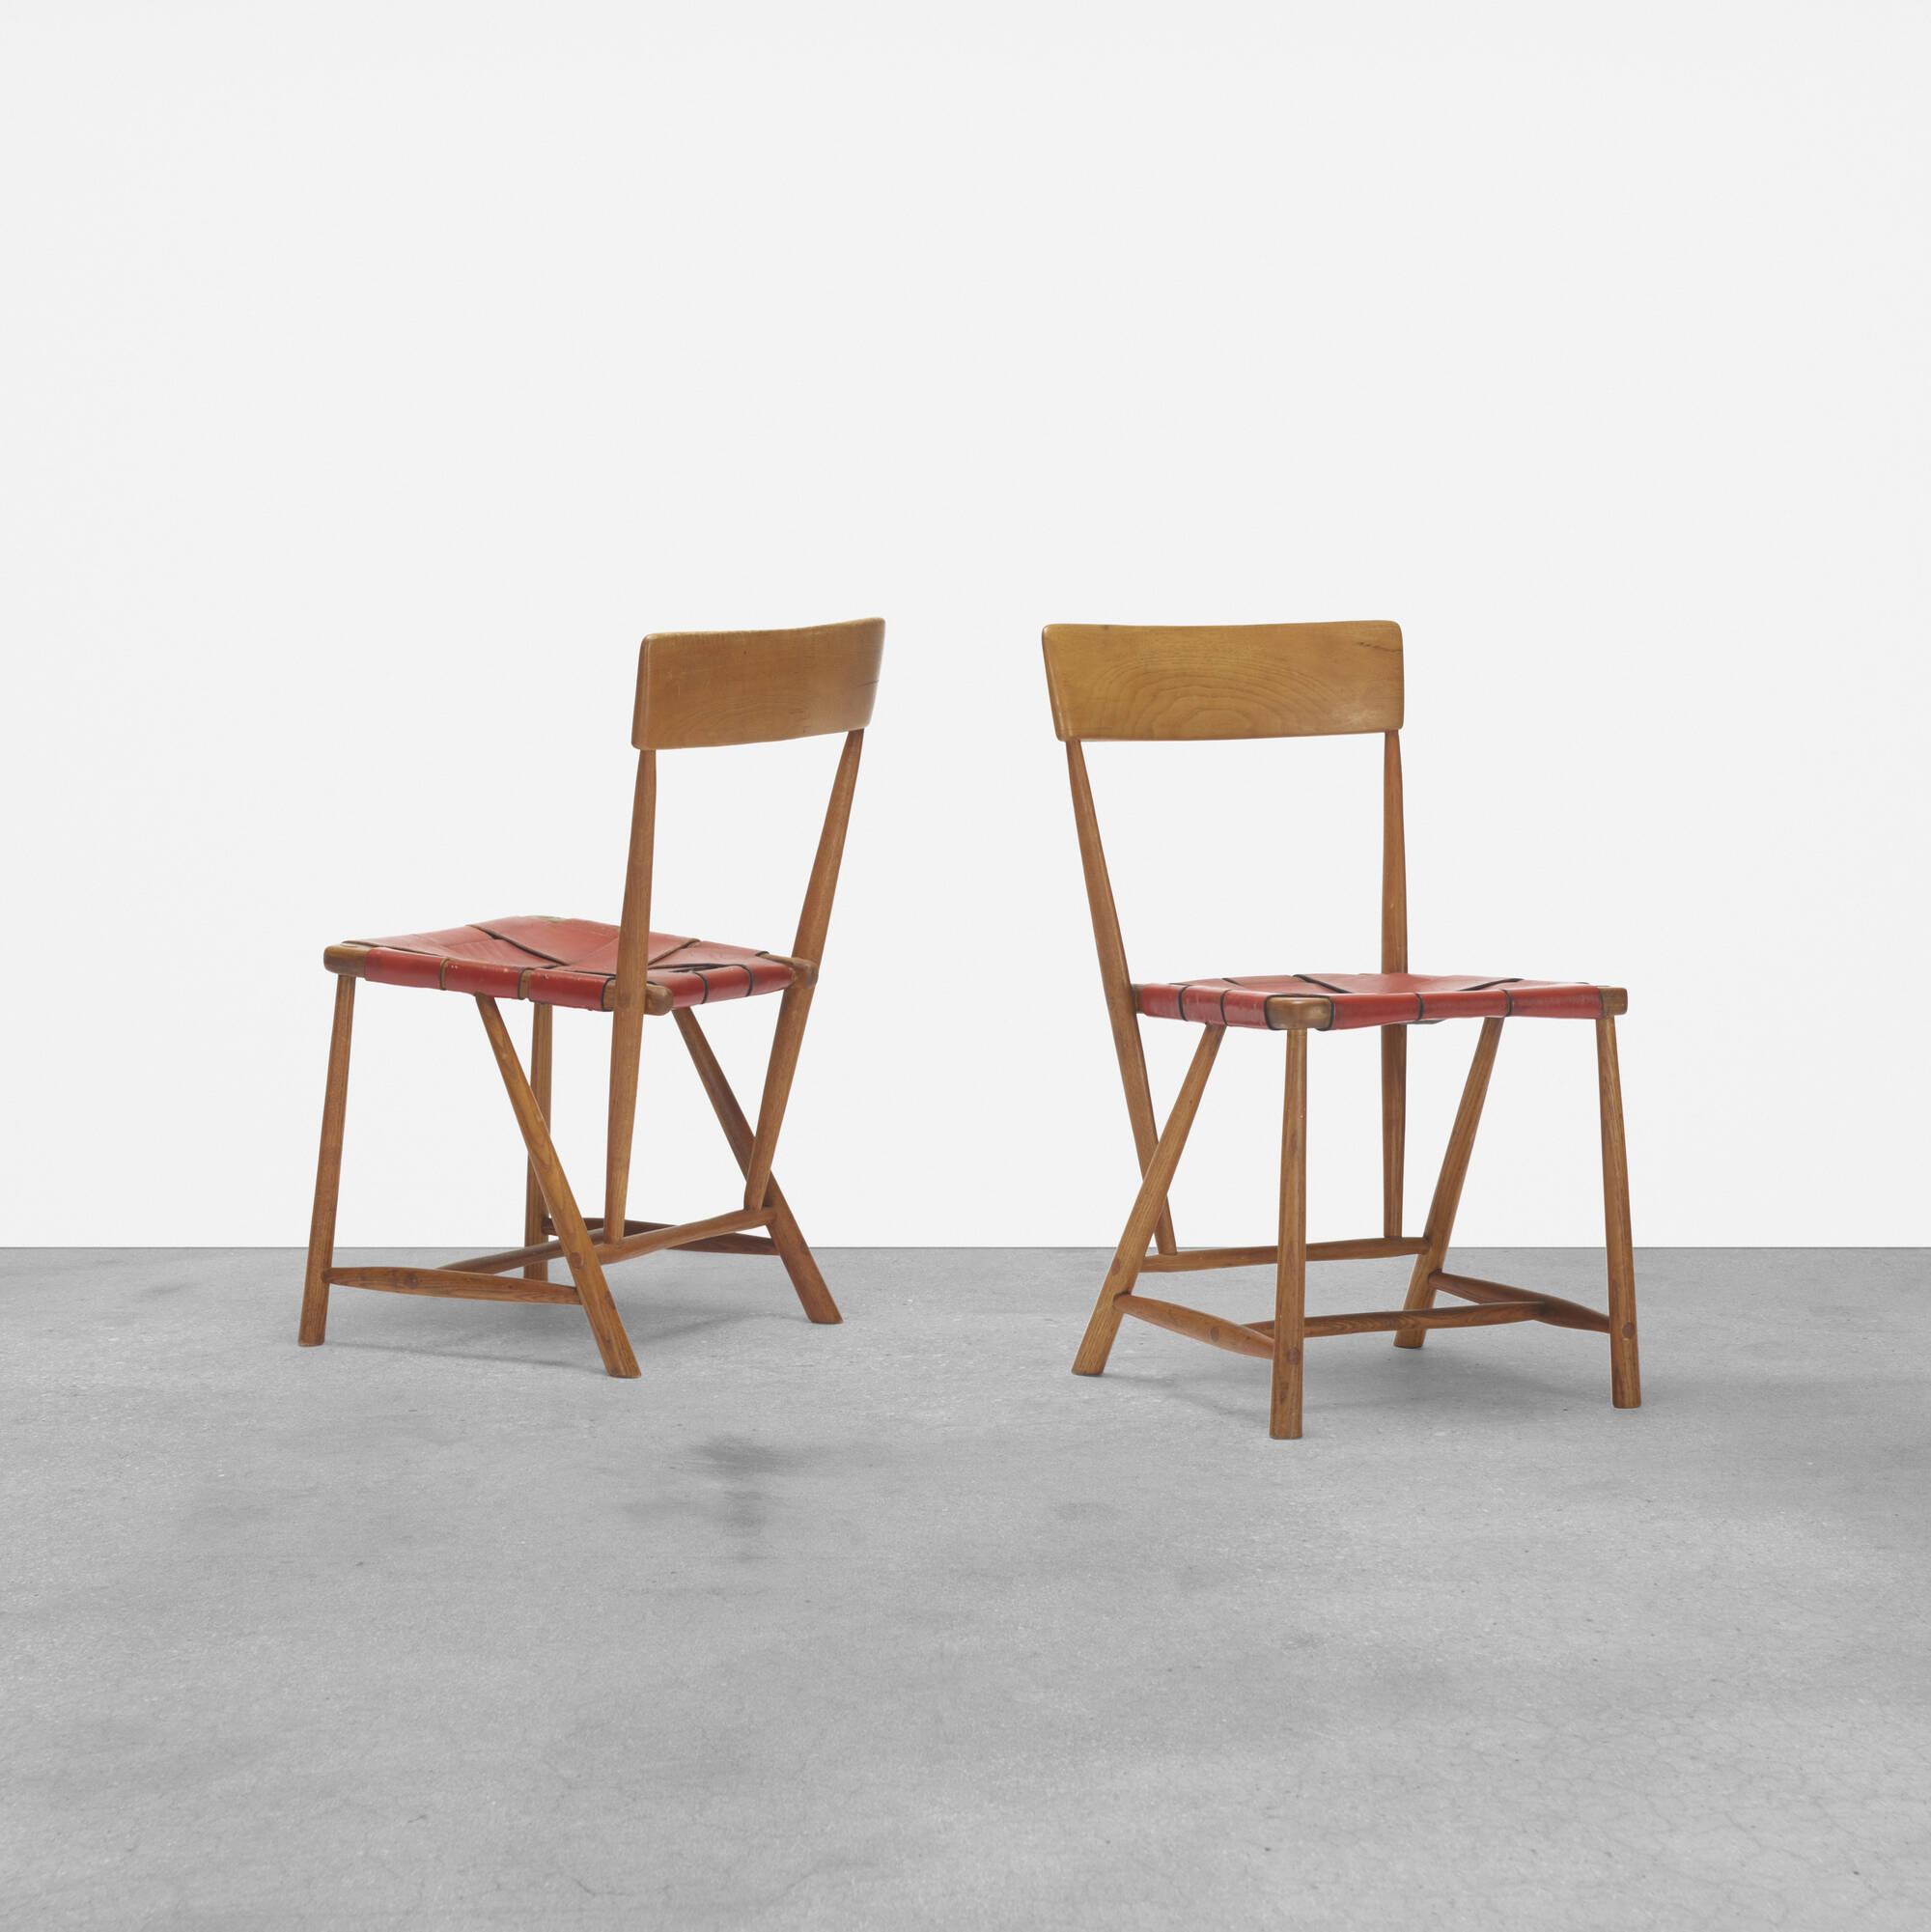 254: Wharton Esherick / Hammer Handle chairs, pair (1 of 4)